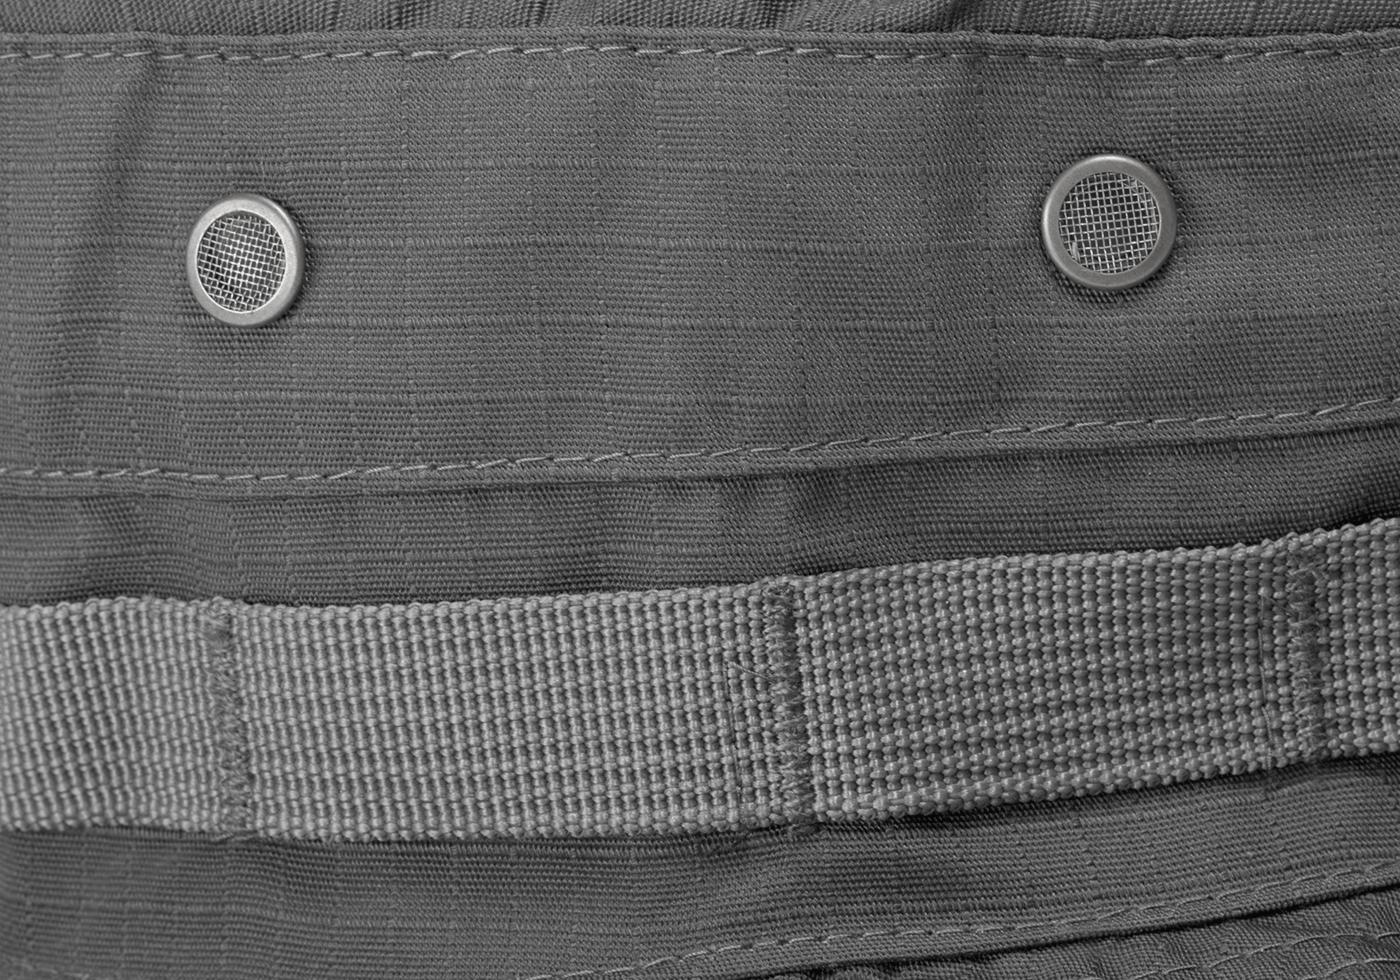 fa5cb621834 Boonie Hat Wolf Grey 59   L - Boonies - Headwear - Garments -  invadergear.ch Online shop